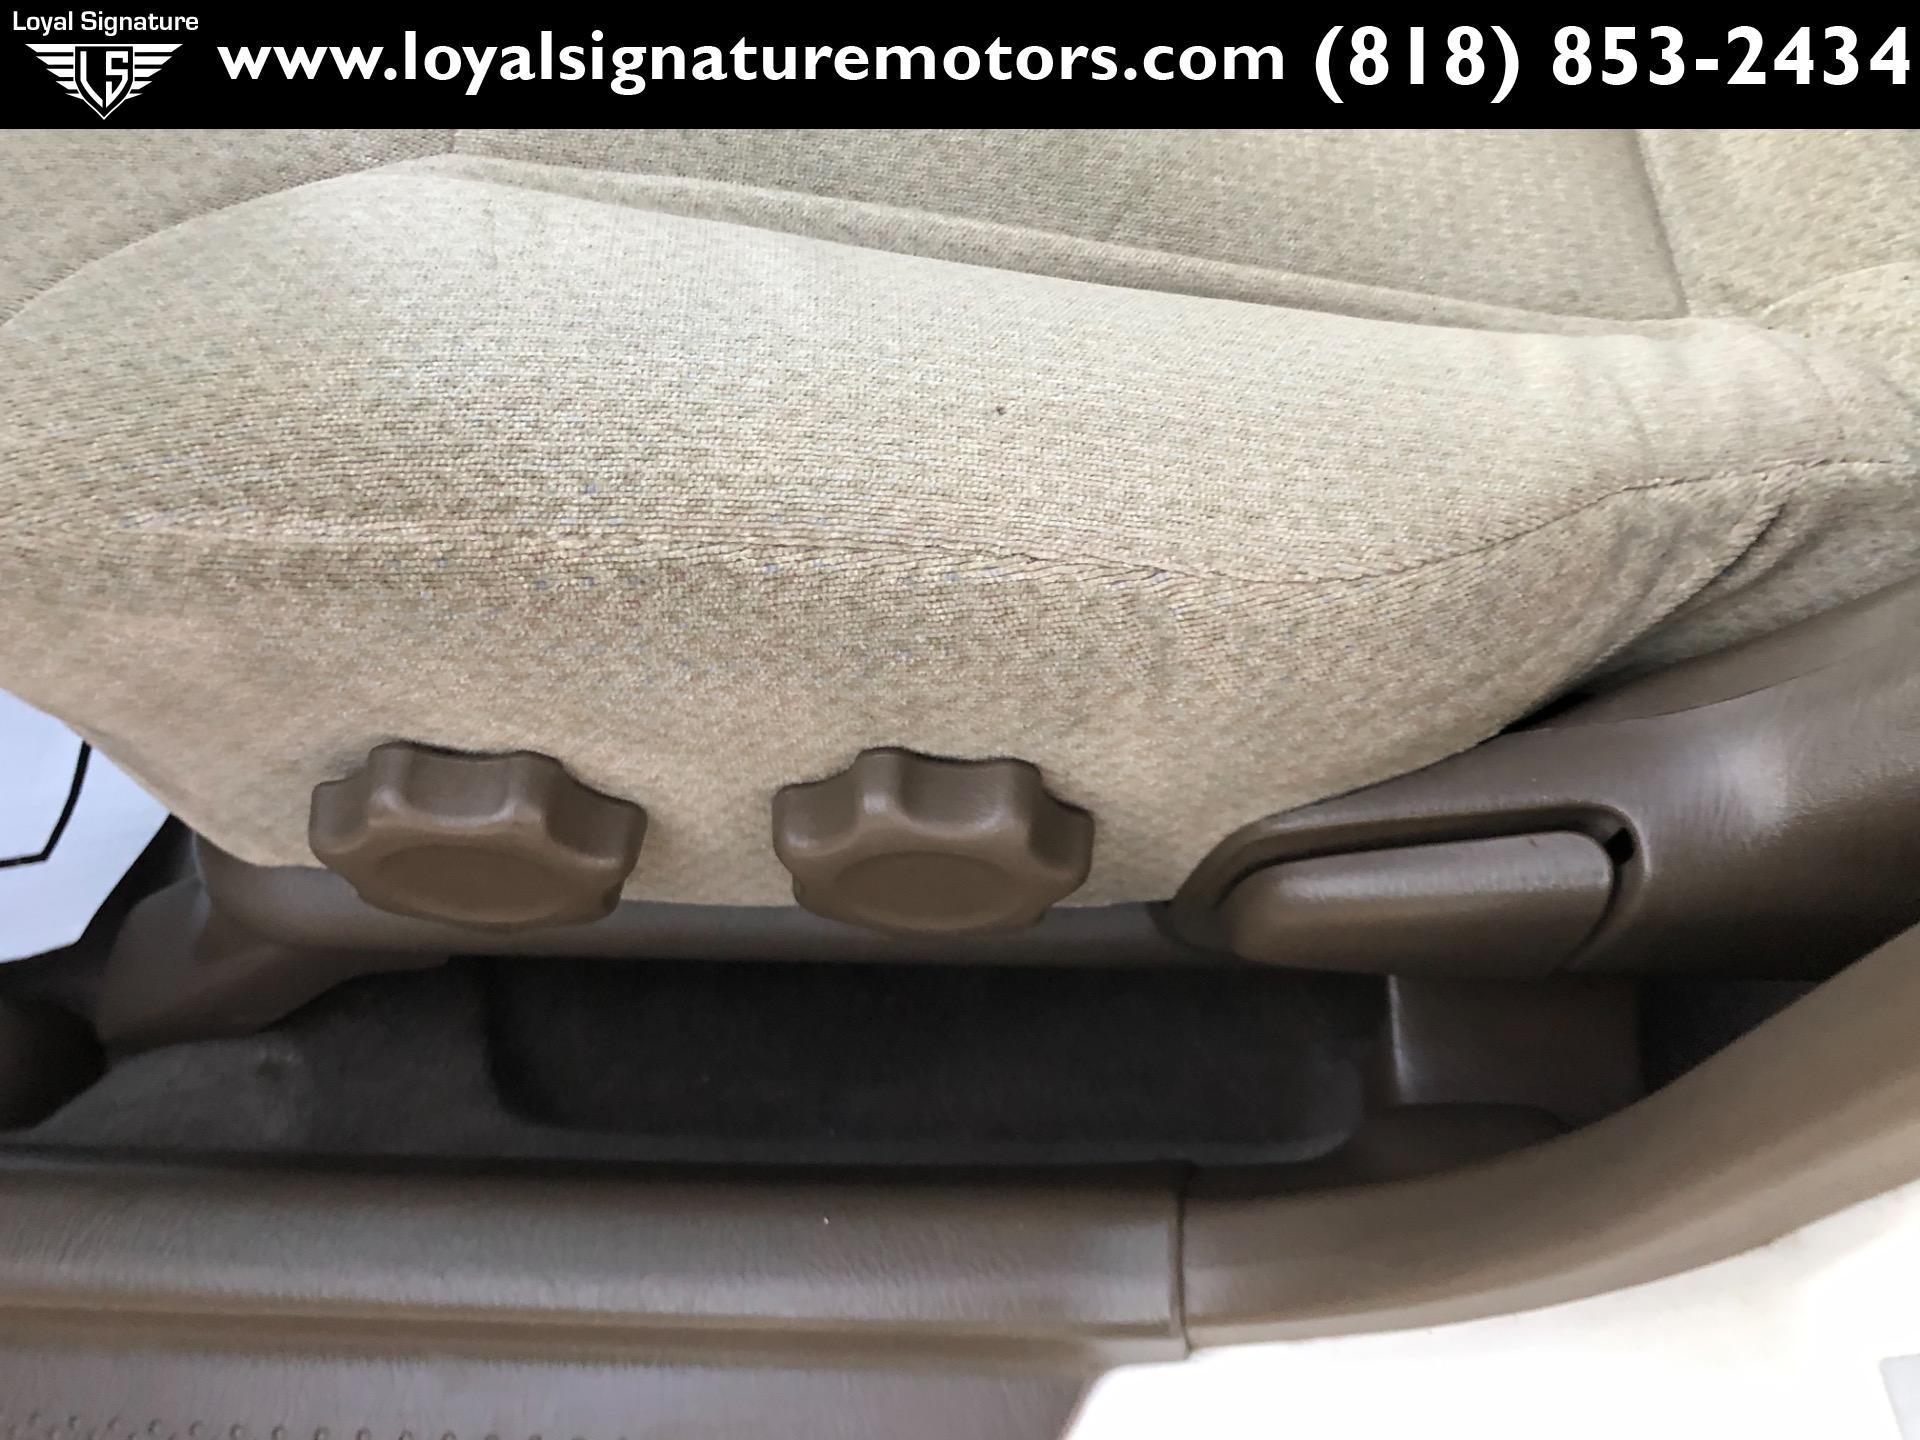 Used-2000-Mazda-Protege-LX